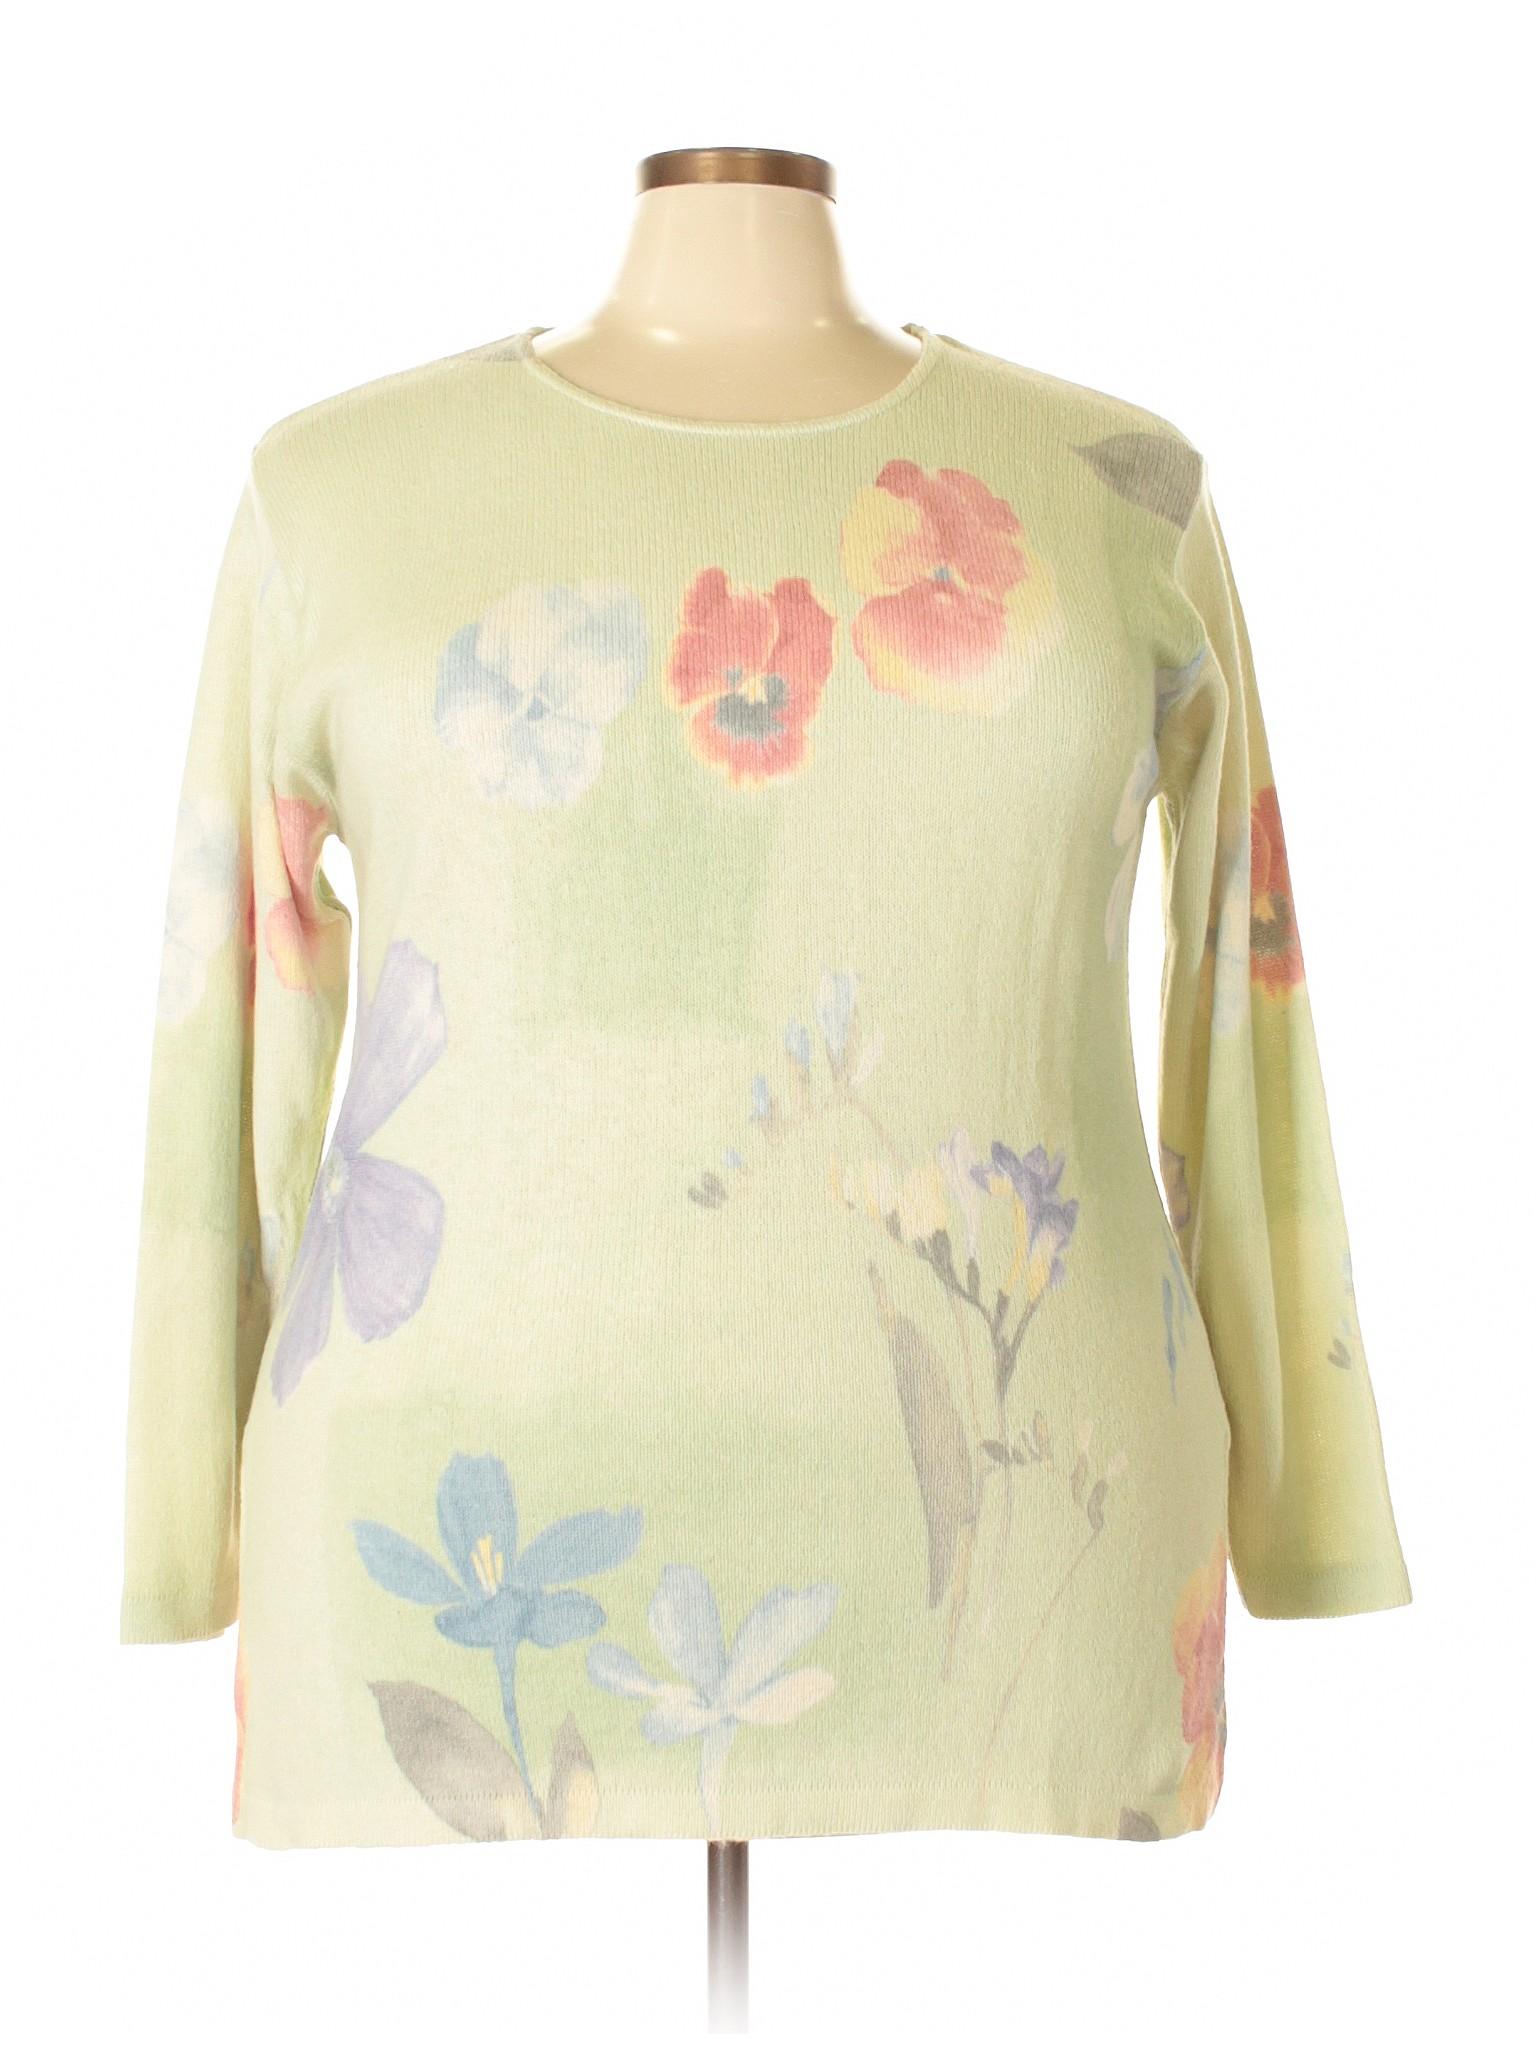 Boutique Gabriella Pullover Boutique Sweater Sweater T Boutique T Gabriella Pullover T Gabriella Pullover TAICdxqw